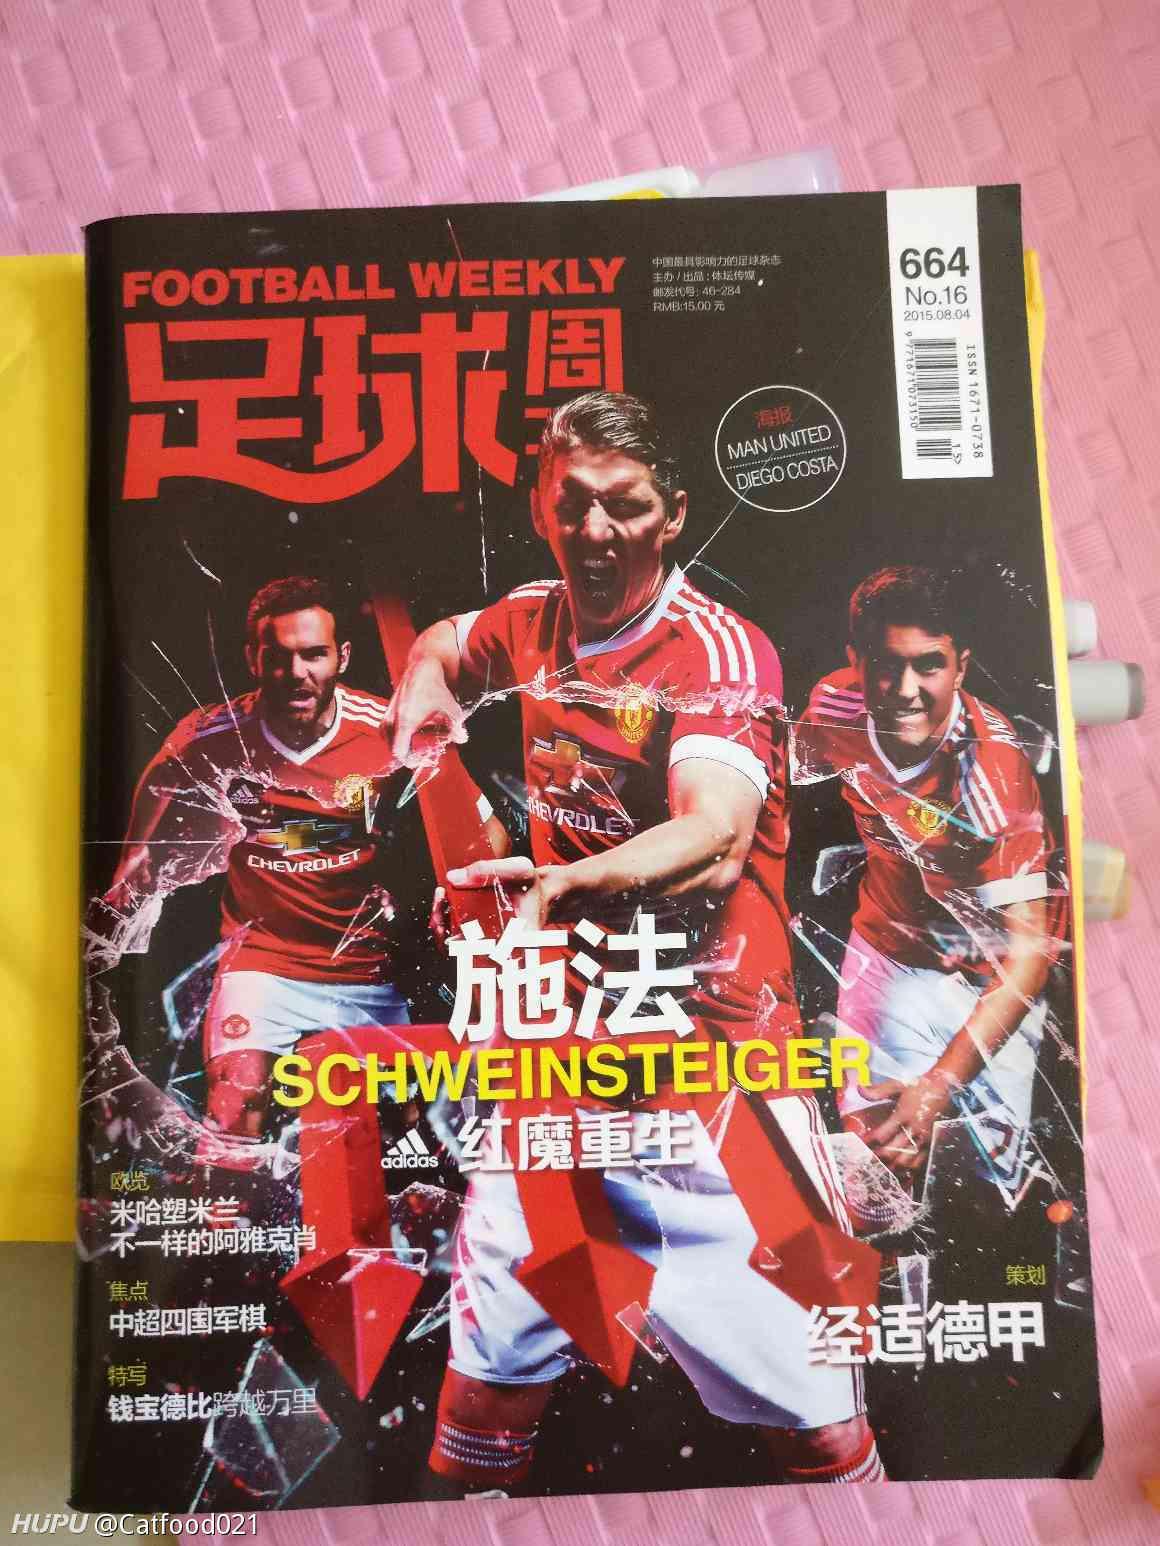 好久不看球了,找到一本2015年的足球周刊,右边这个人怎么也想不起来叫啥了  足球话题区